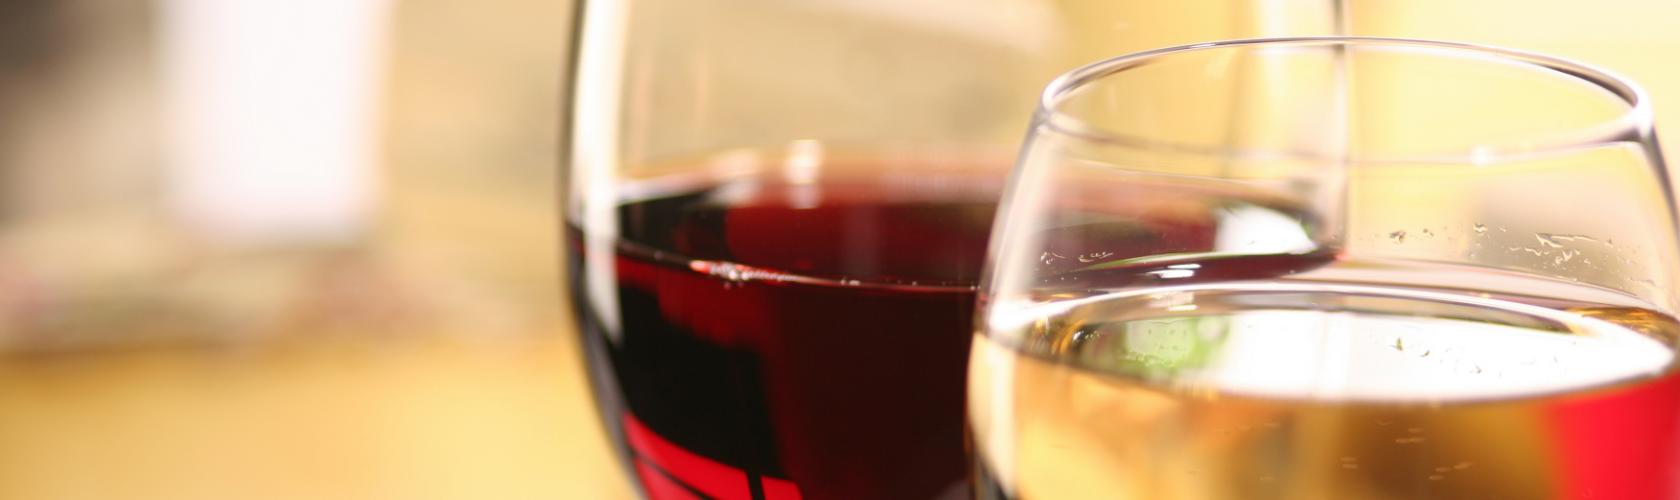 Pesquisa confirma que uma taça de vinho previne câncer